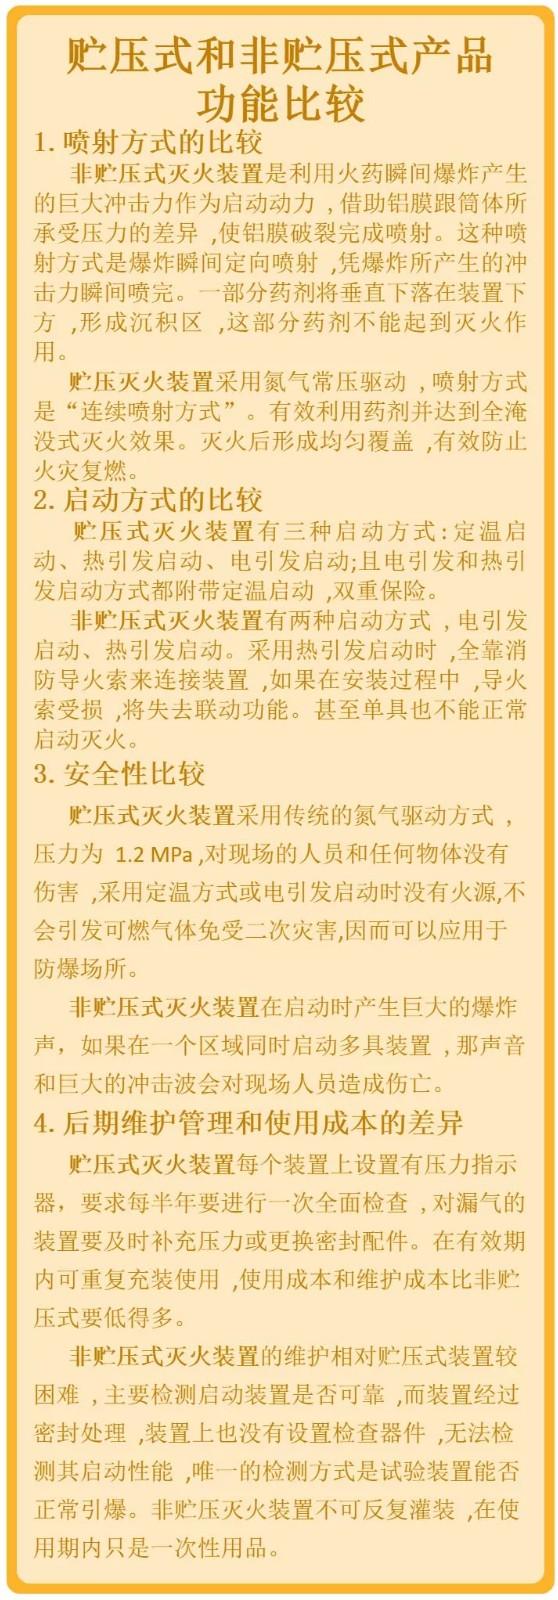 懸掛式滅火器產品介紹|公司新聞-徐州市淮海消防器材有限公司